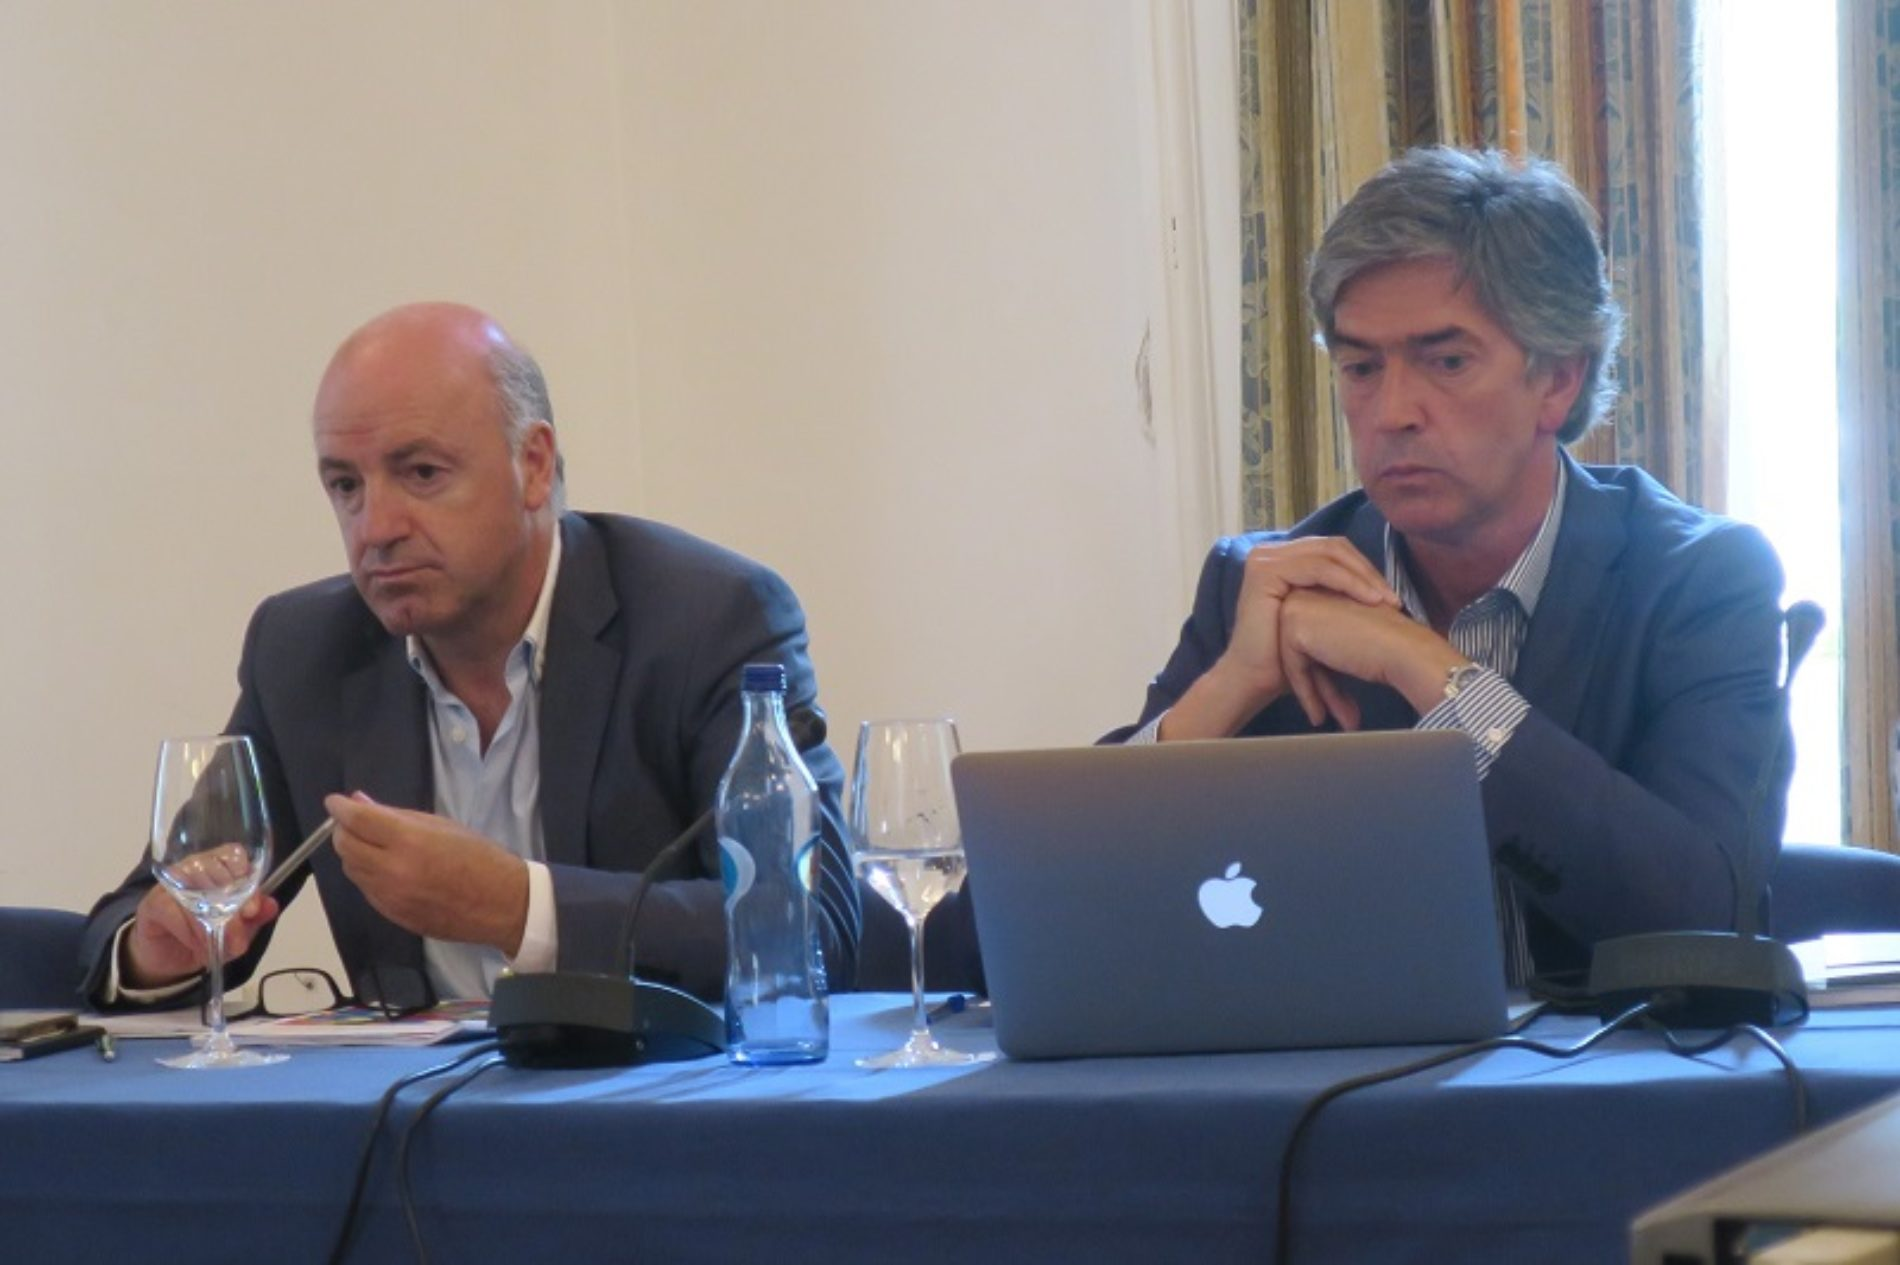 Órgãos sociais da Agência Regional de Promoção Turística Centro de Portugal reeleitos para mais três anos